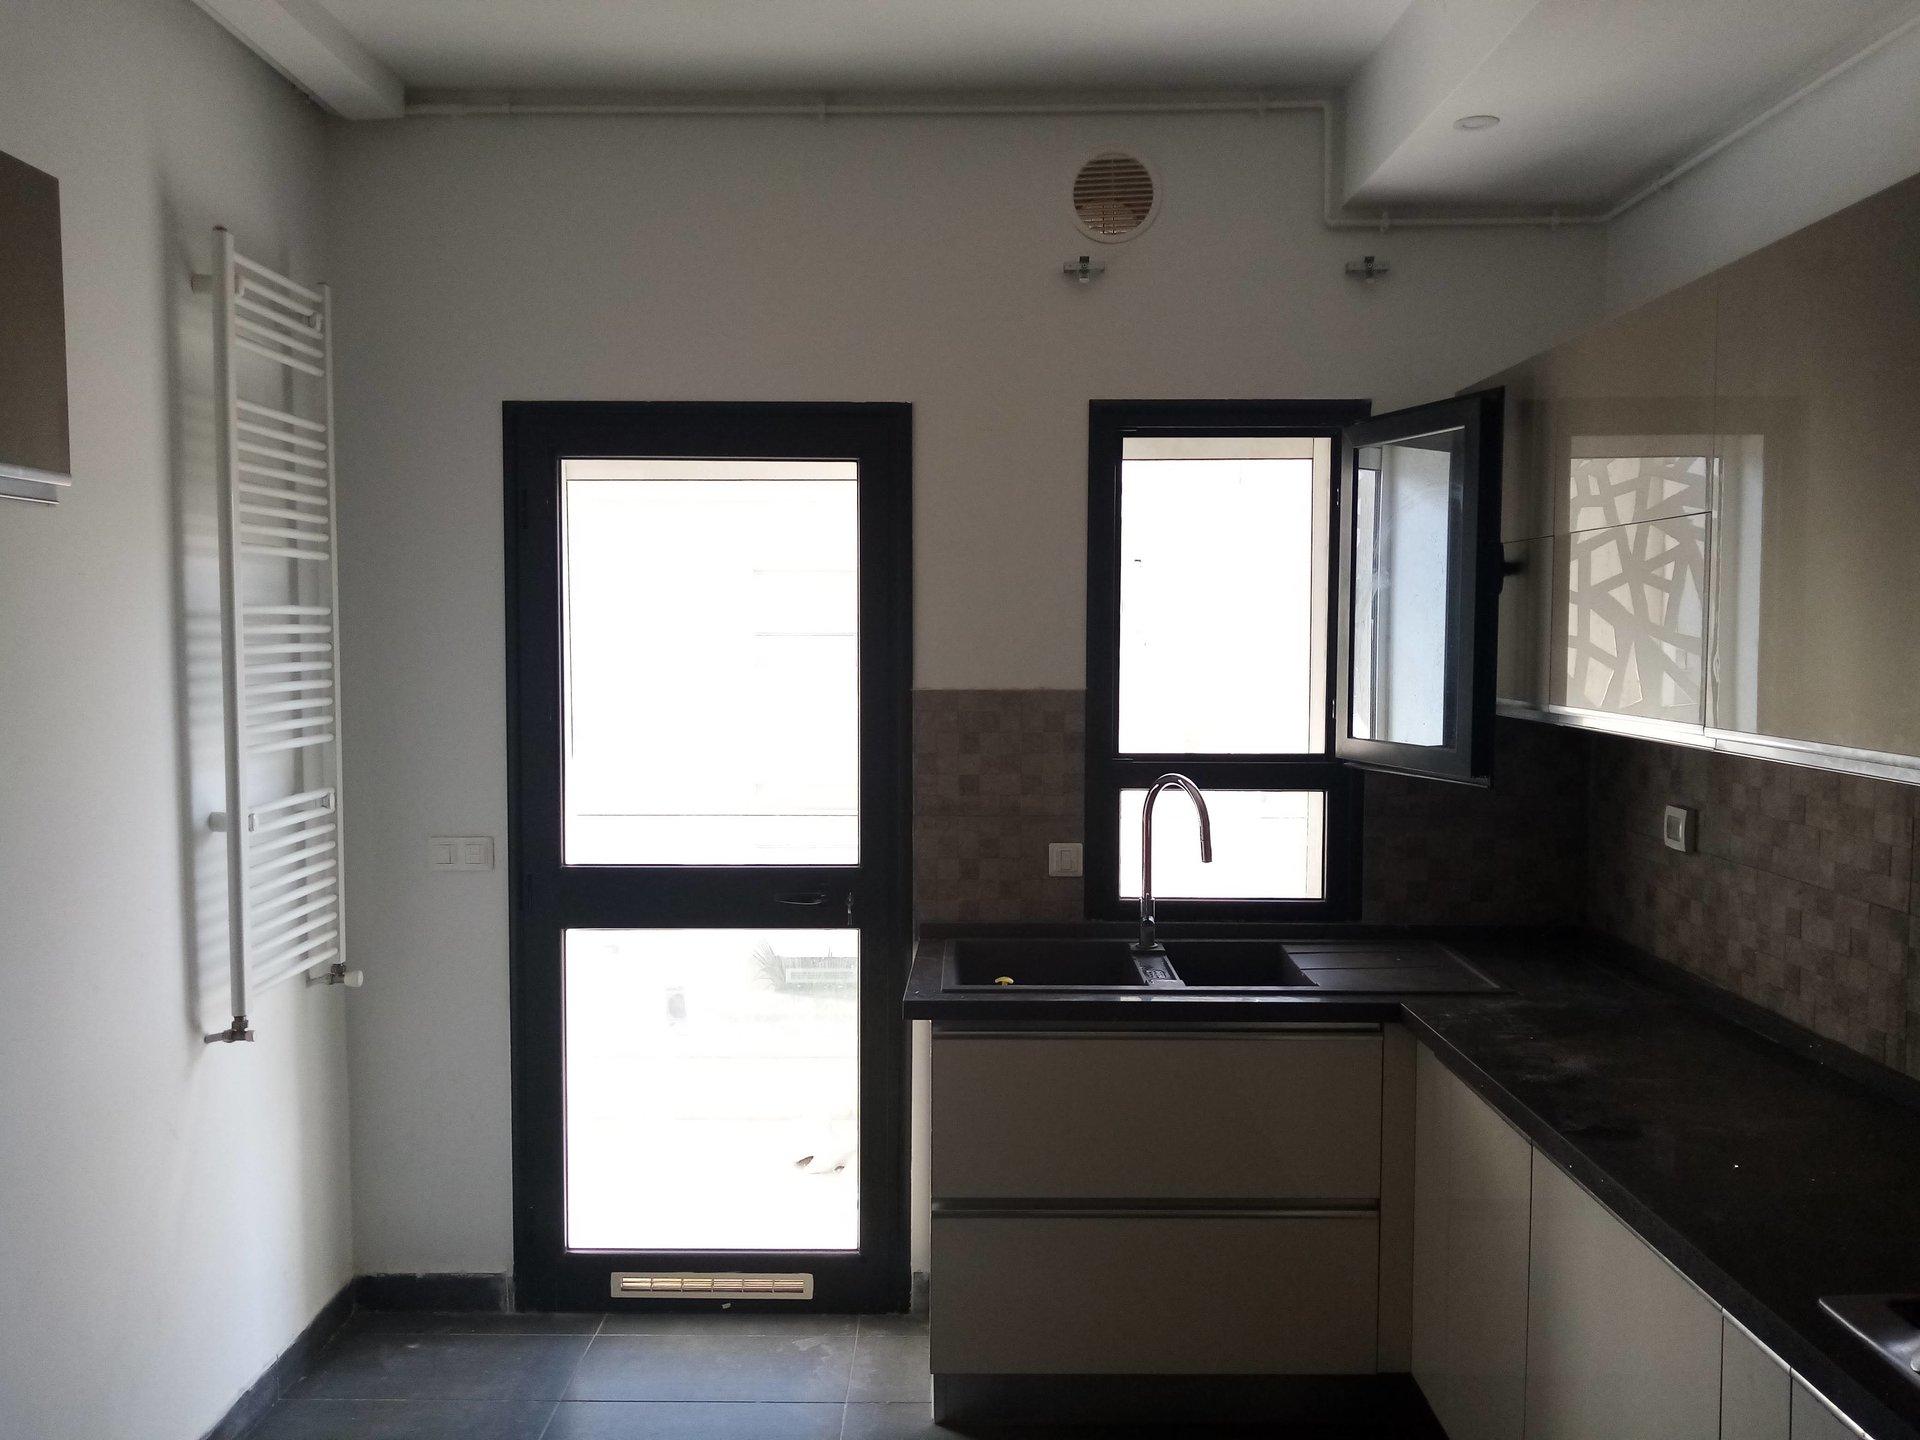 A vendre un appartement S+2 au lac 2 de haut standing